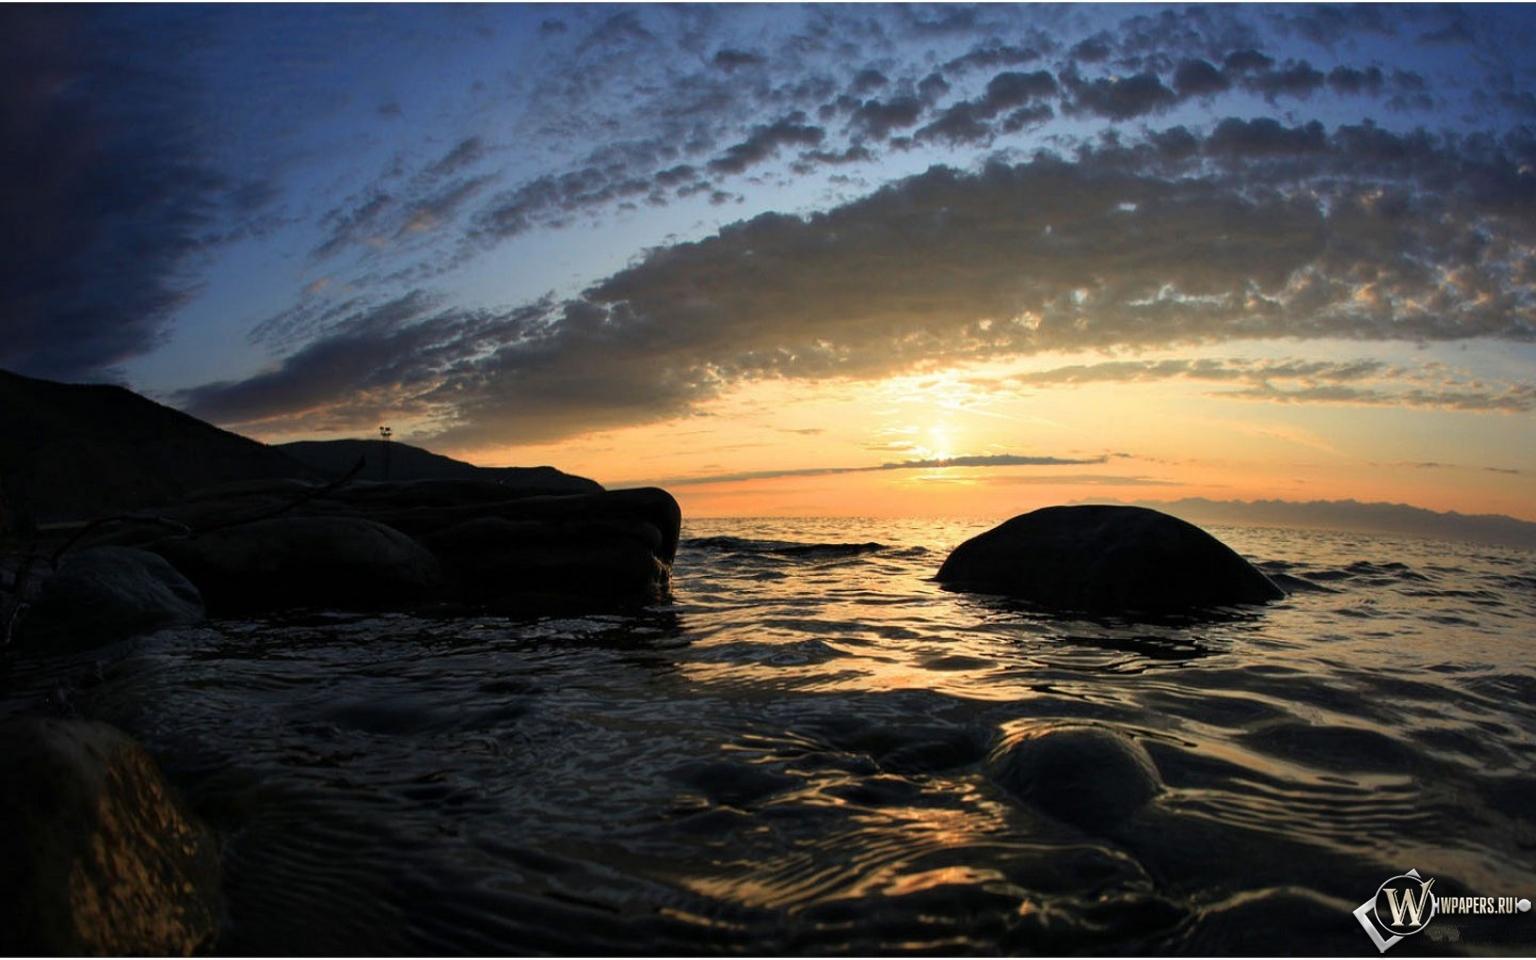 Фотографии озера Байкал летом 73 фото  ФотоБайкаларф